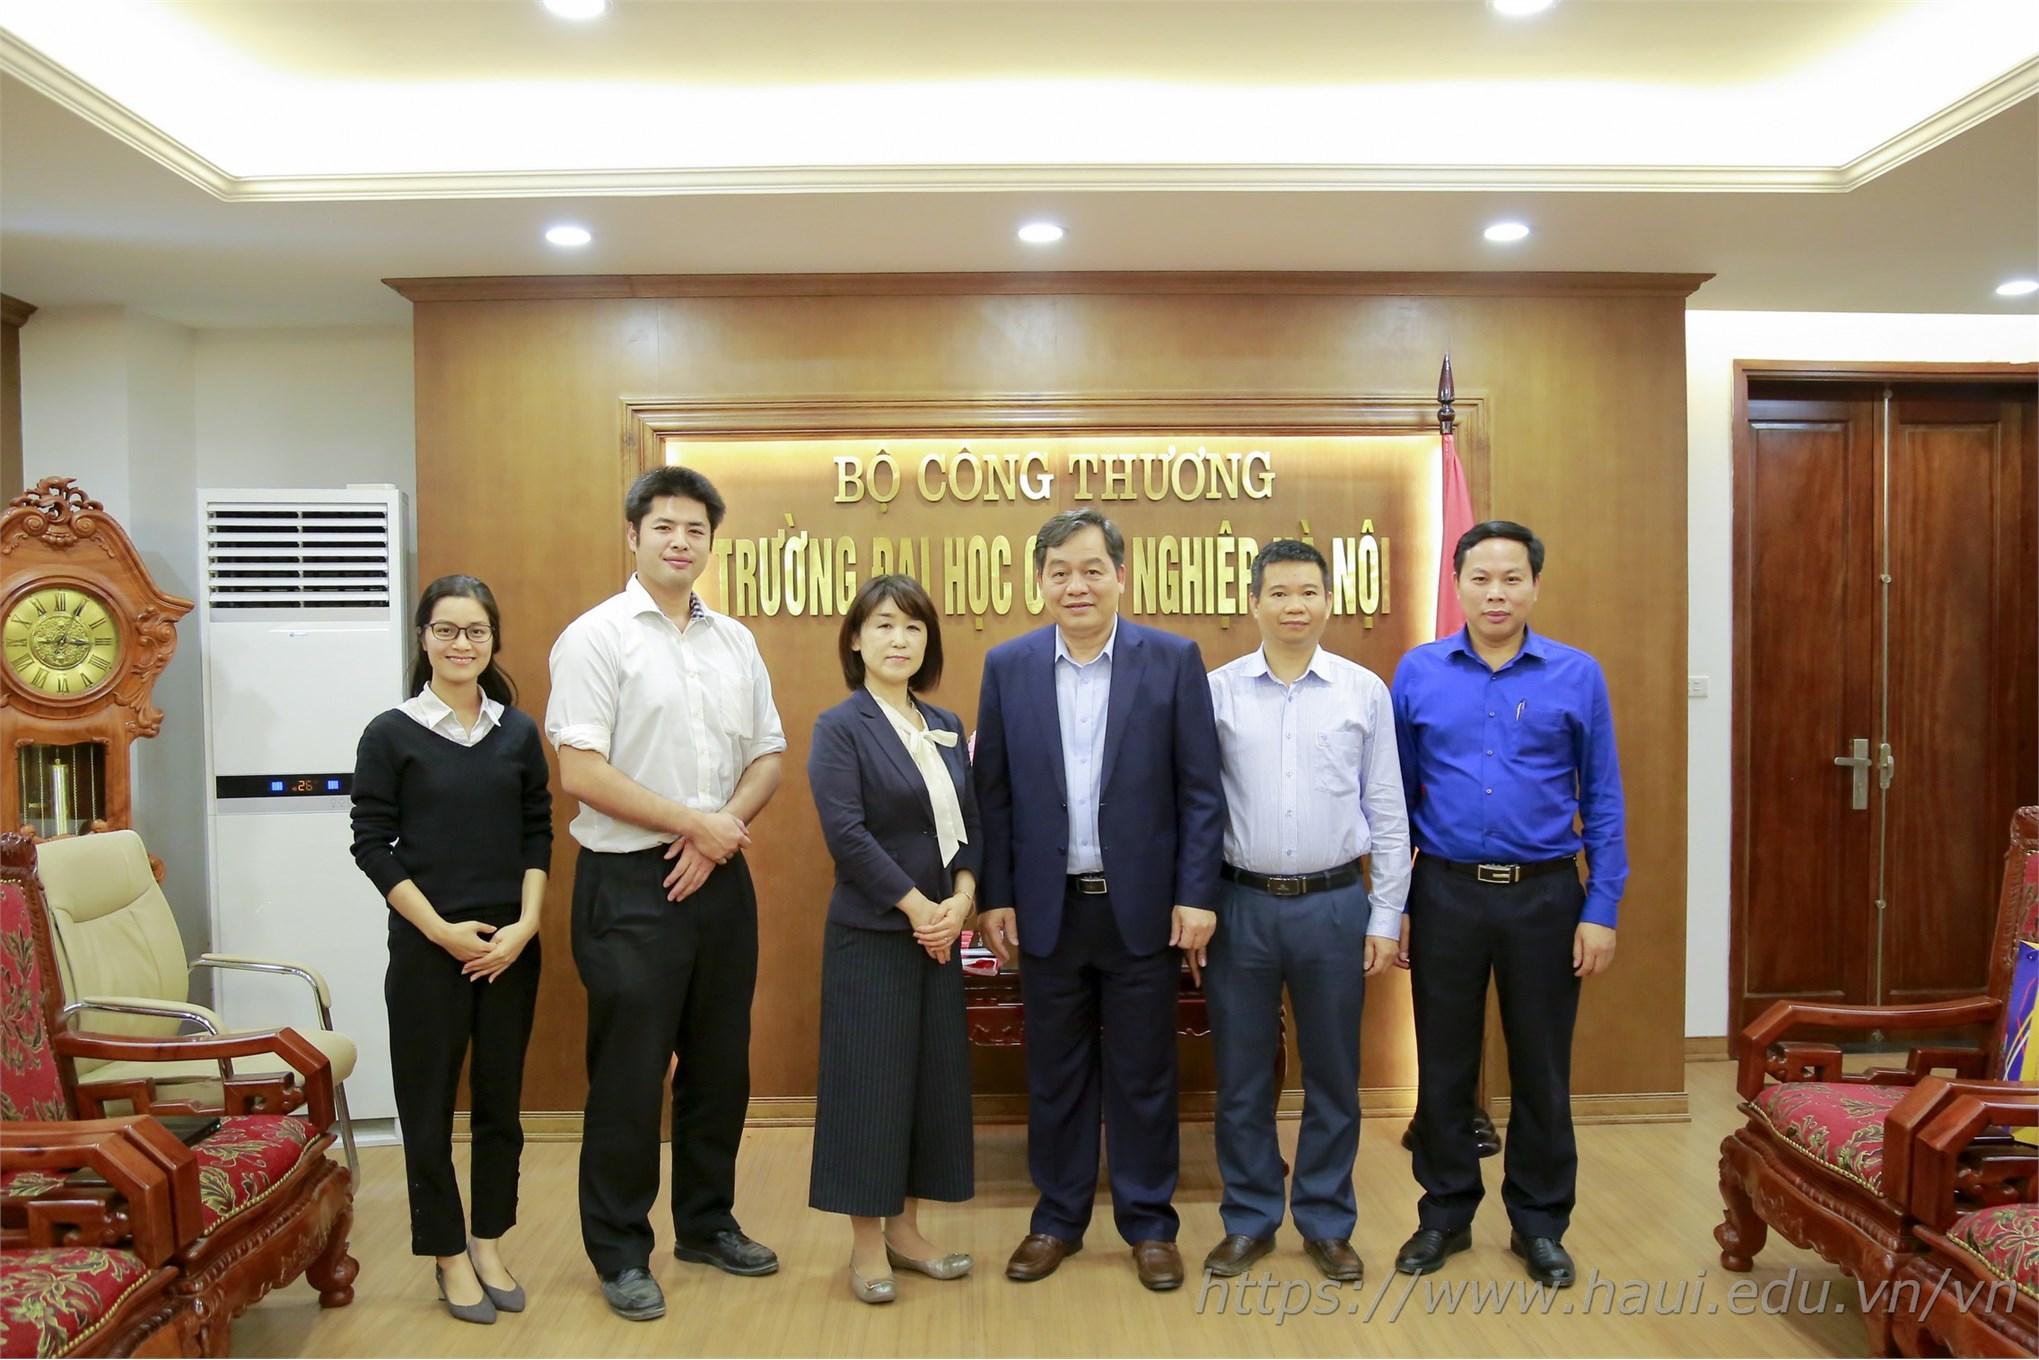 Tiếp đón chuyên gia ngôn ngữ Nhật Bản đến làm việc tại Đại học Công nghiệp Hà Nội